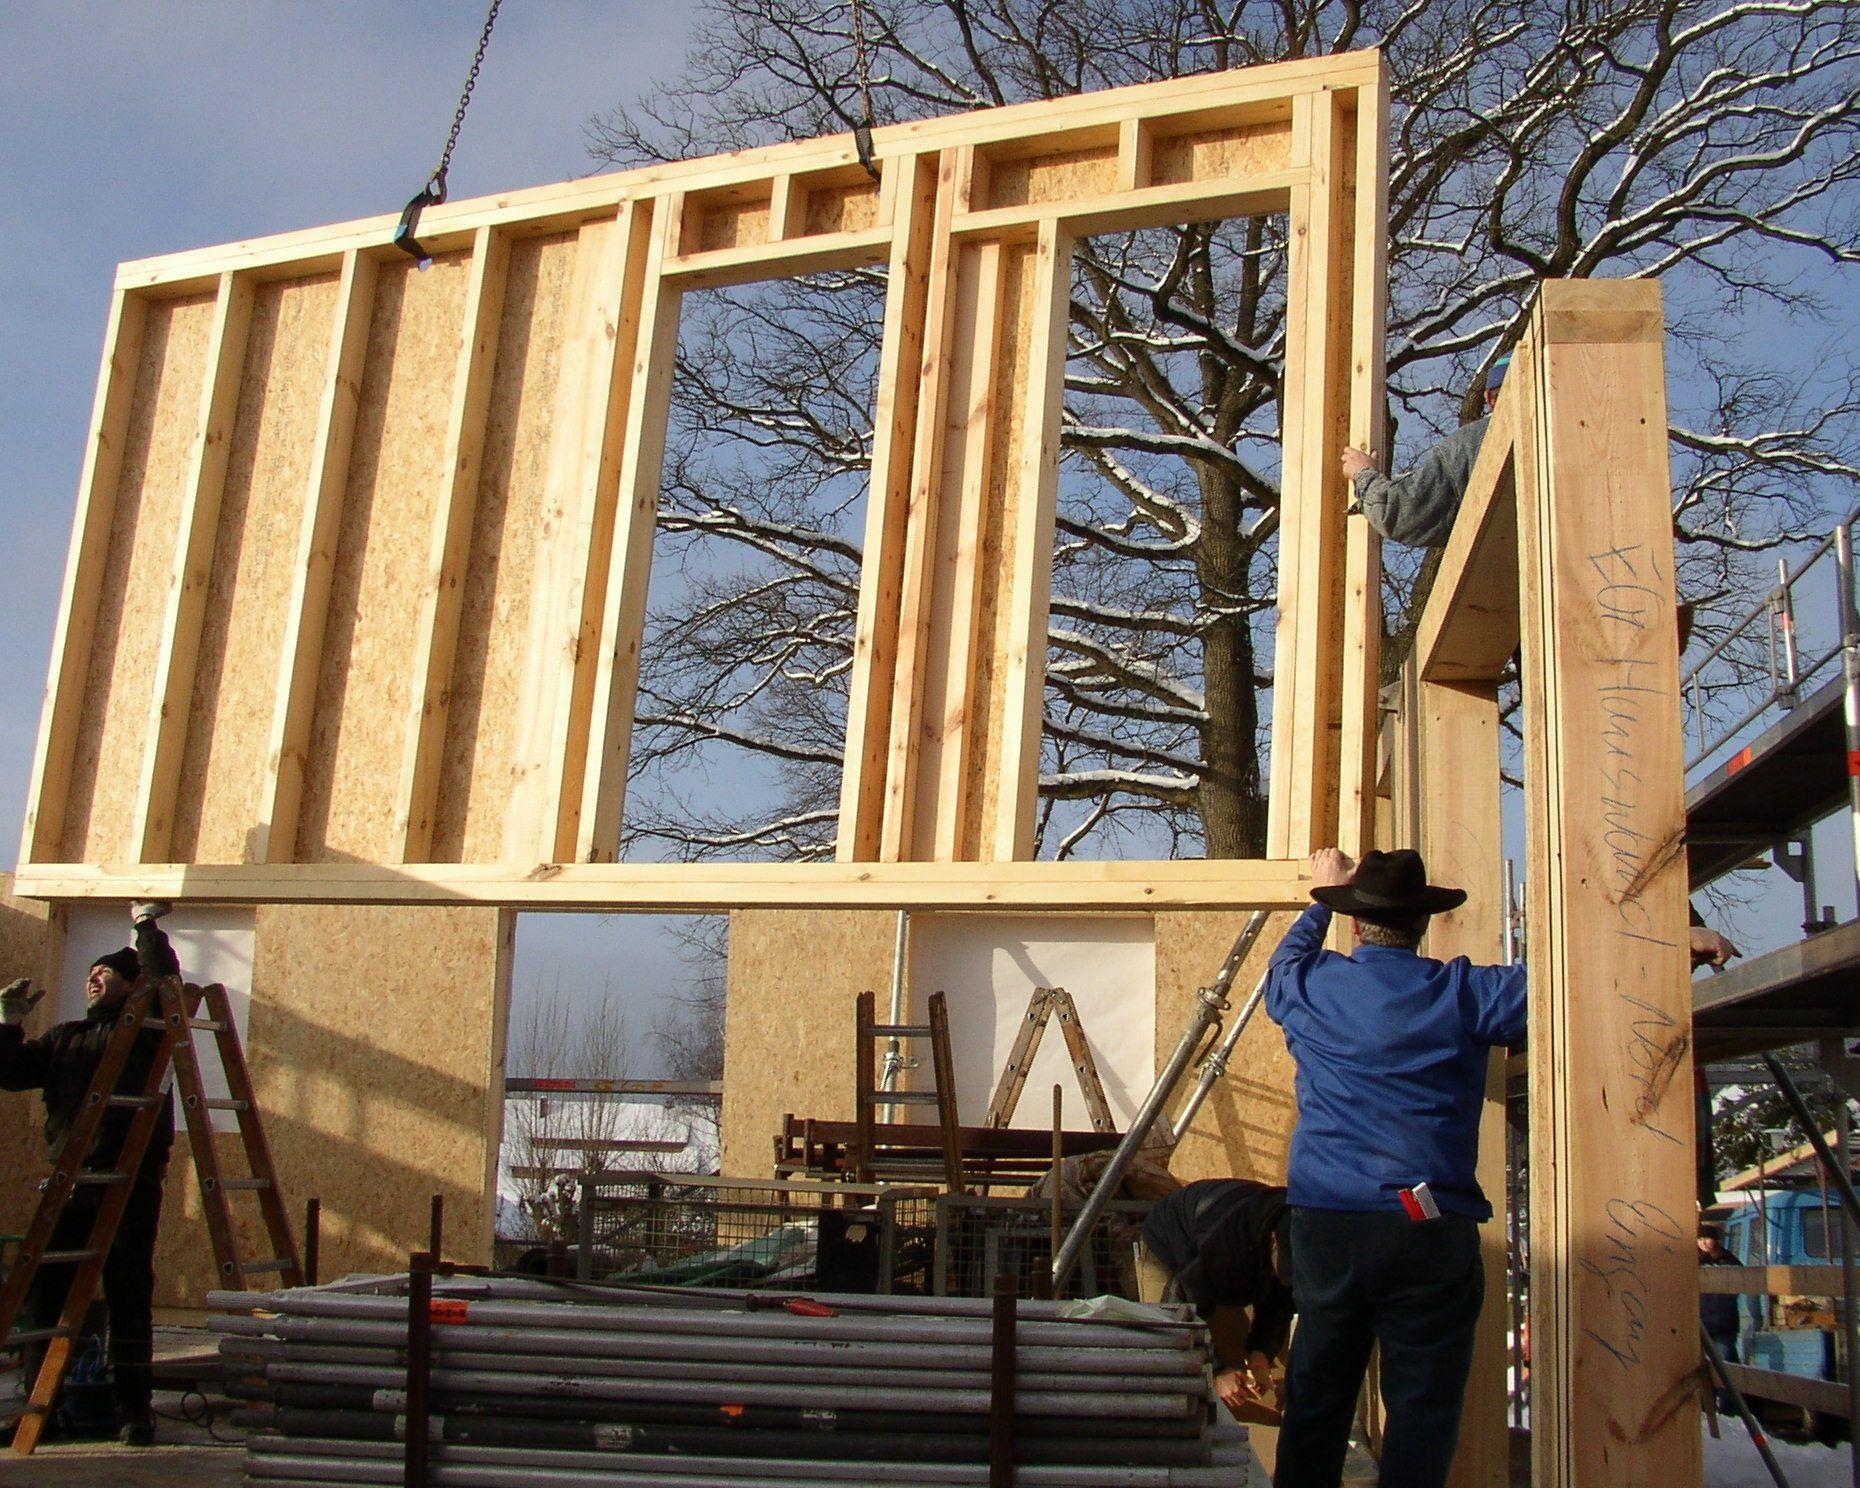 Ein Einfamilienhaus in Holzrahmenbauweise mit Krüppelwalmdach.